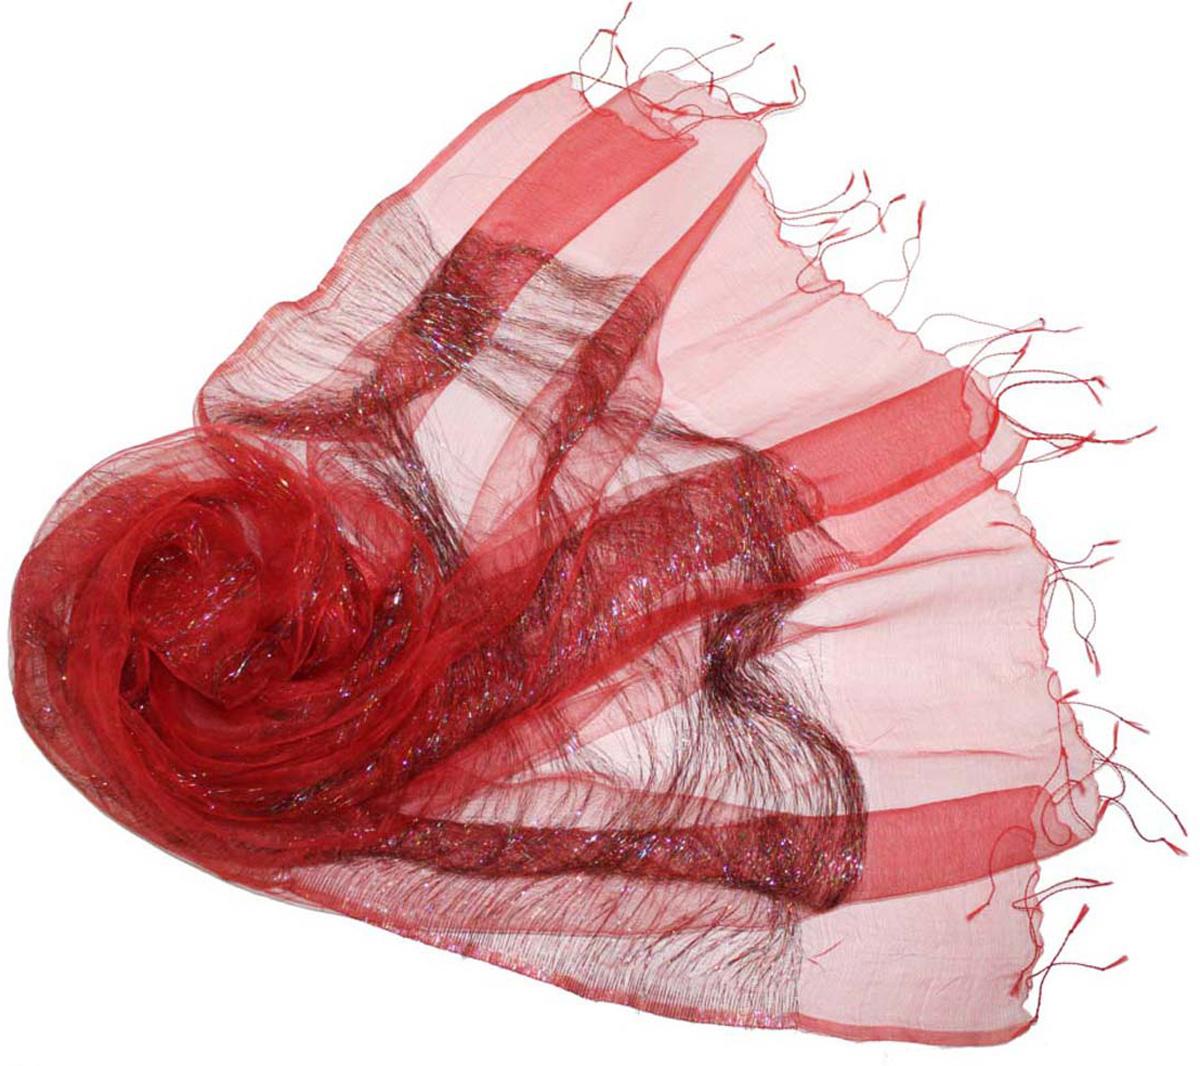 Шарф женский Ethnica, цвет: красный. 173150. Размер 60 см х 180 см173150Стильный шарф привлекательной расцветки с кисточками по краю изготовлен из 100% шелка. Он удачно дополнит ваш гардероб и поможет создать новый повседневный образ, добавить в него яркие краски. Отличный вариант для тех, кто стремится к самовыражению и новизне!